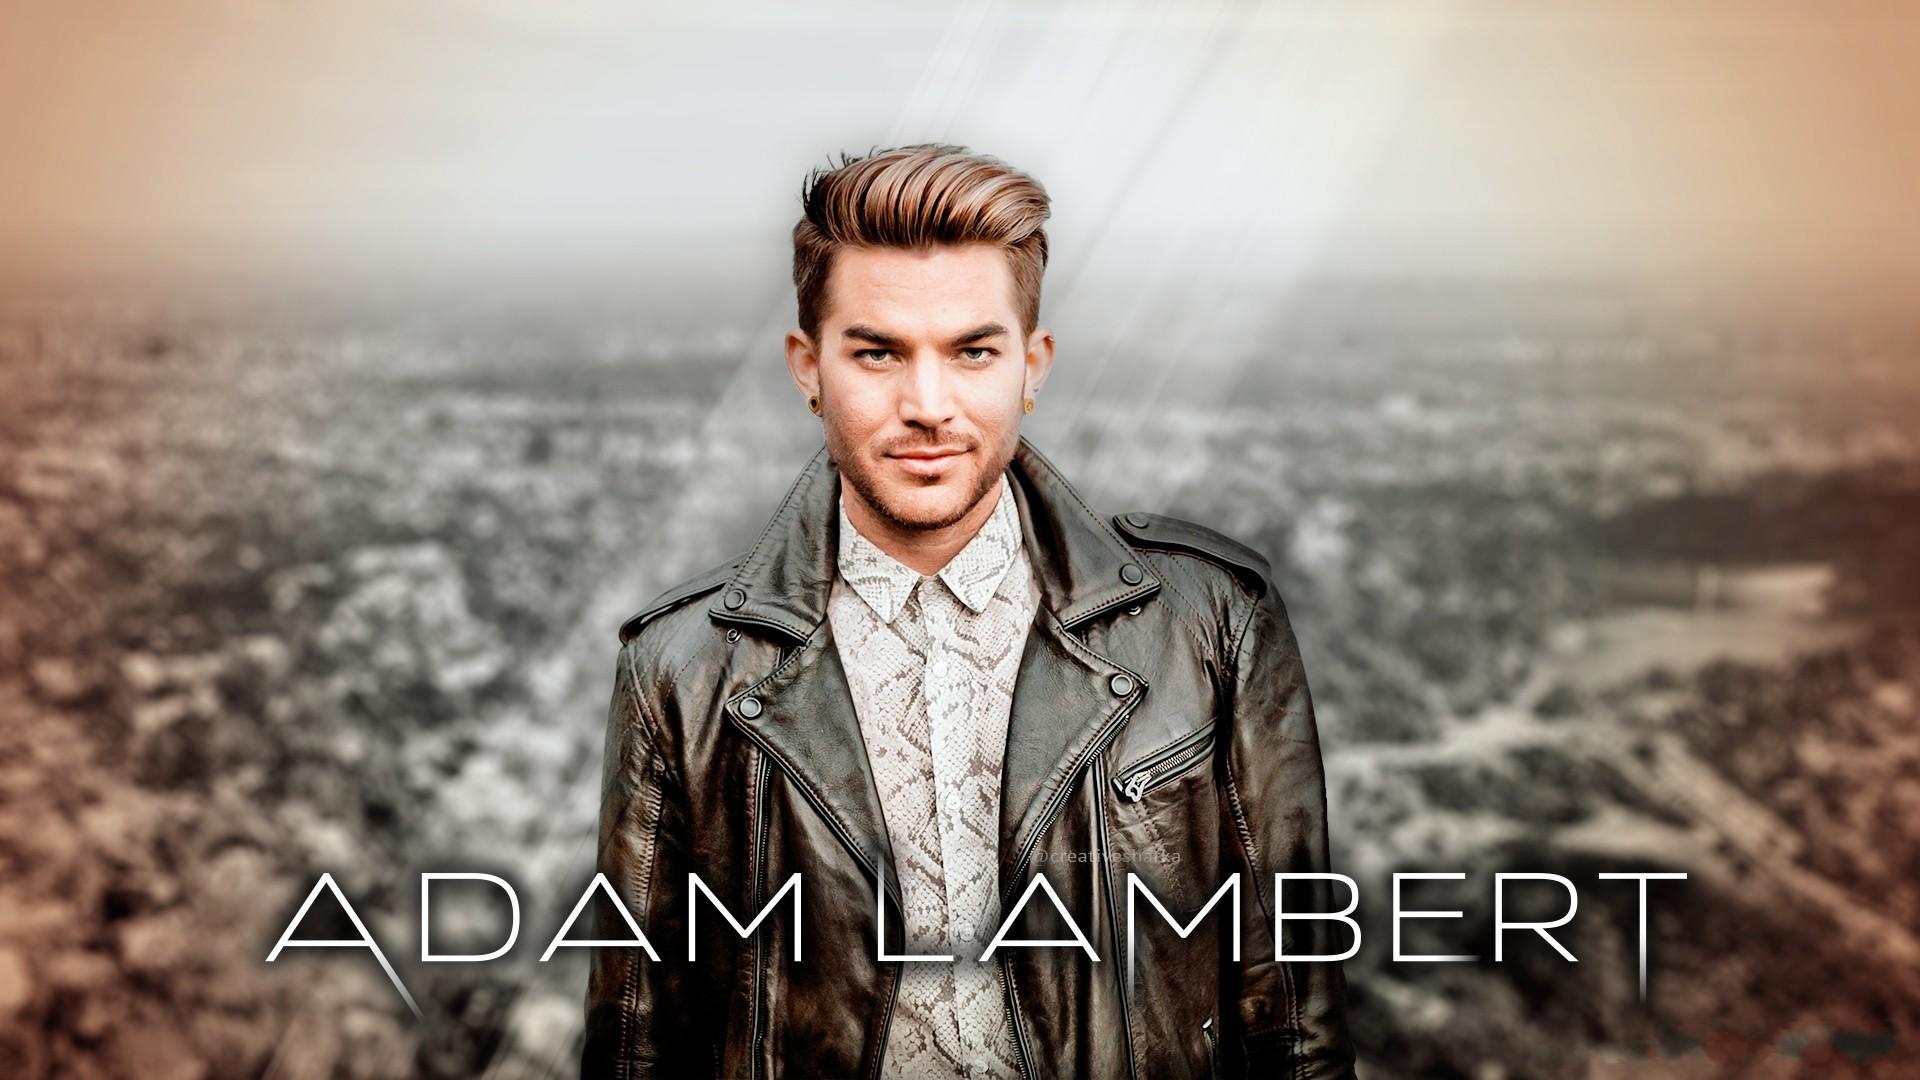 Adam Lambert Art Background Download HD Wallpapers Desktop 1920x1080